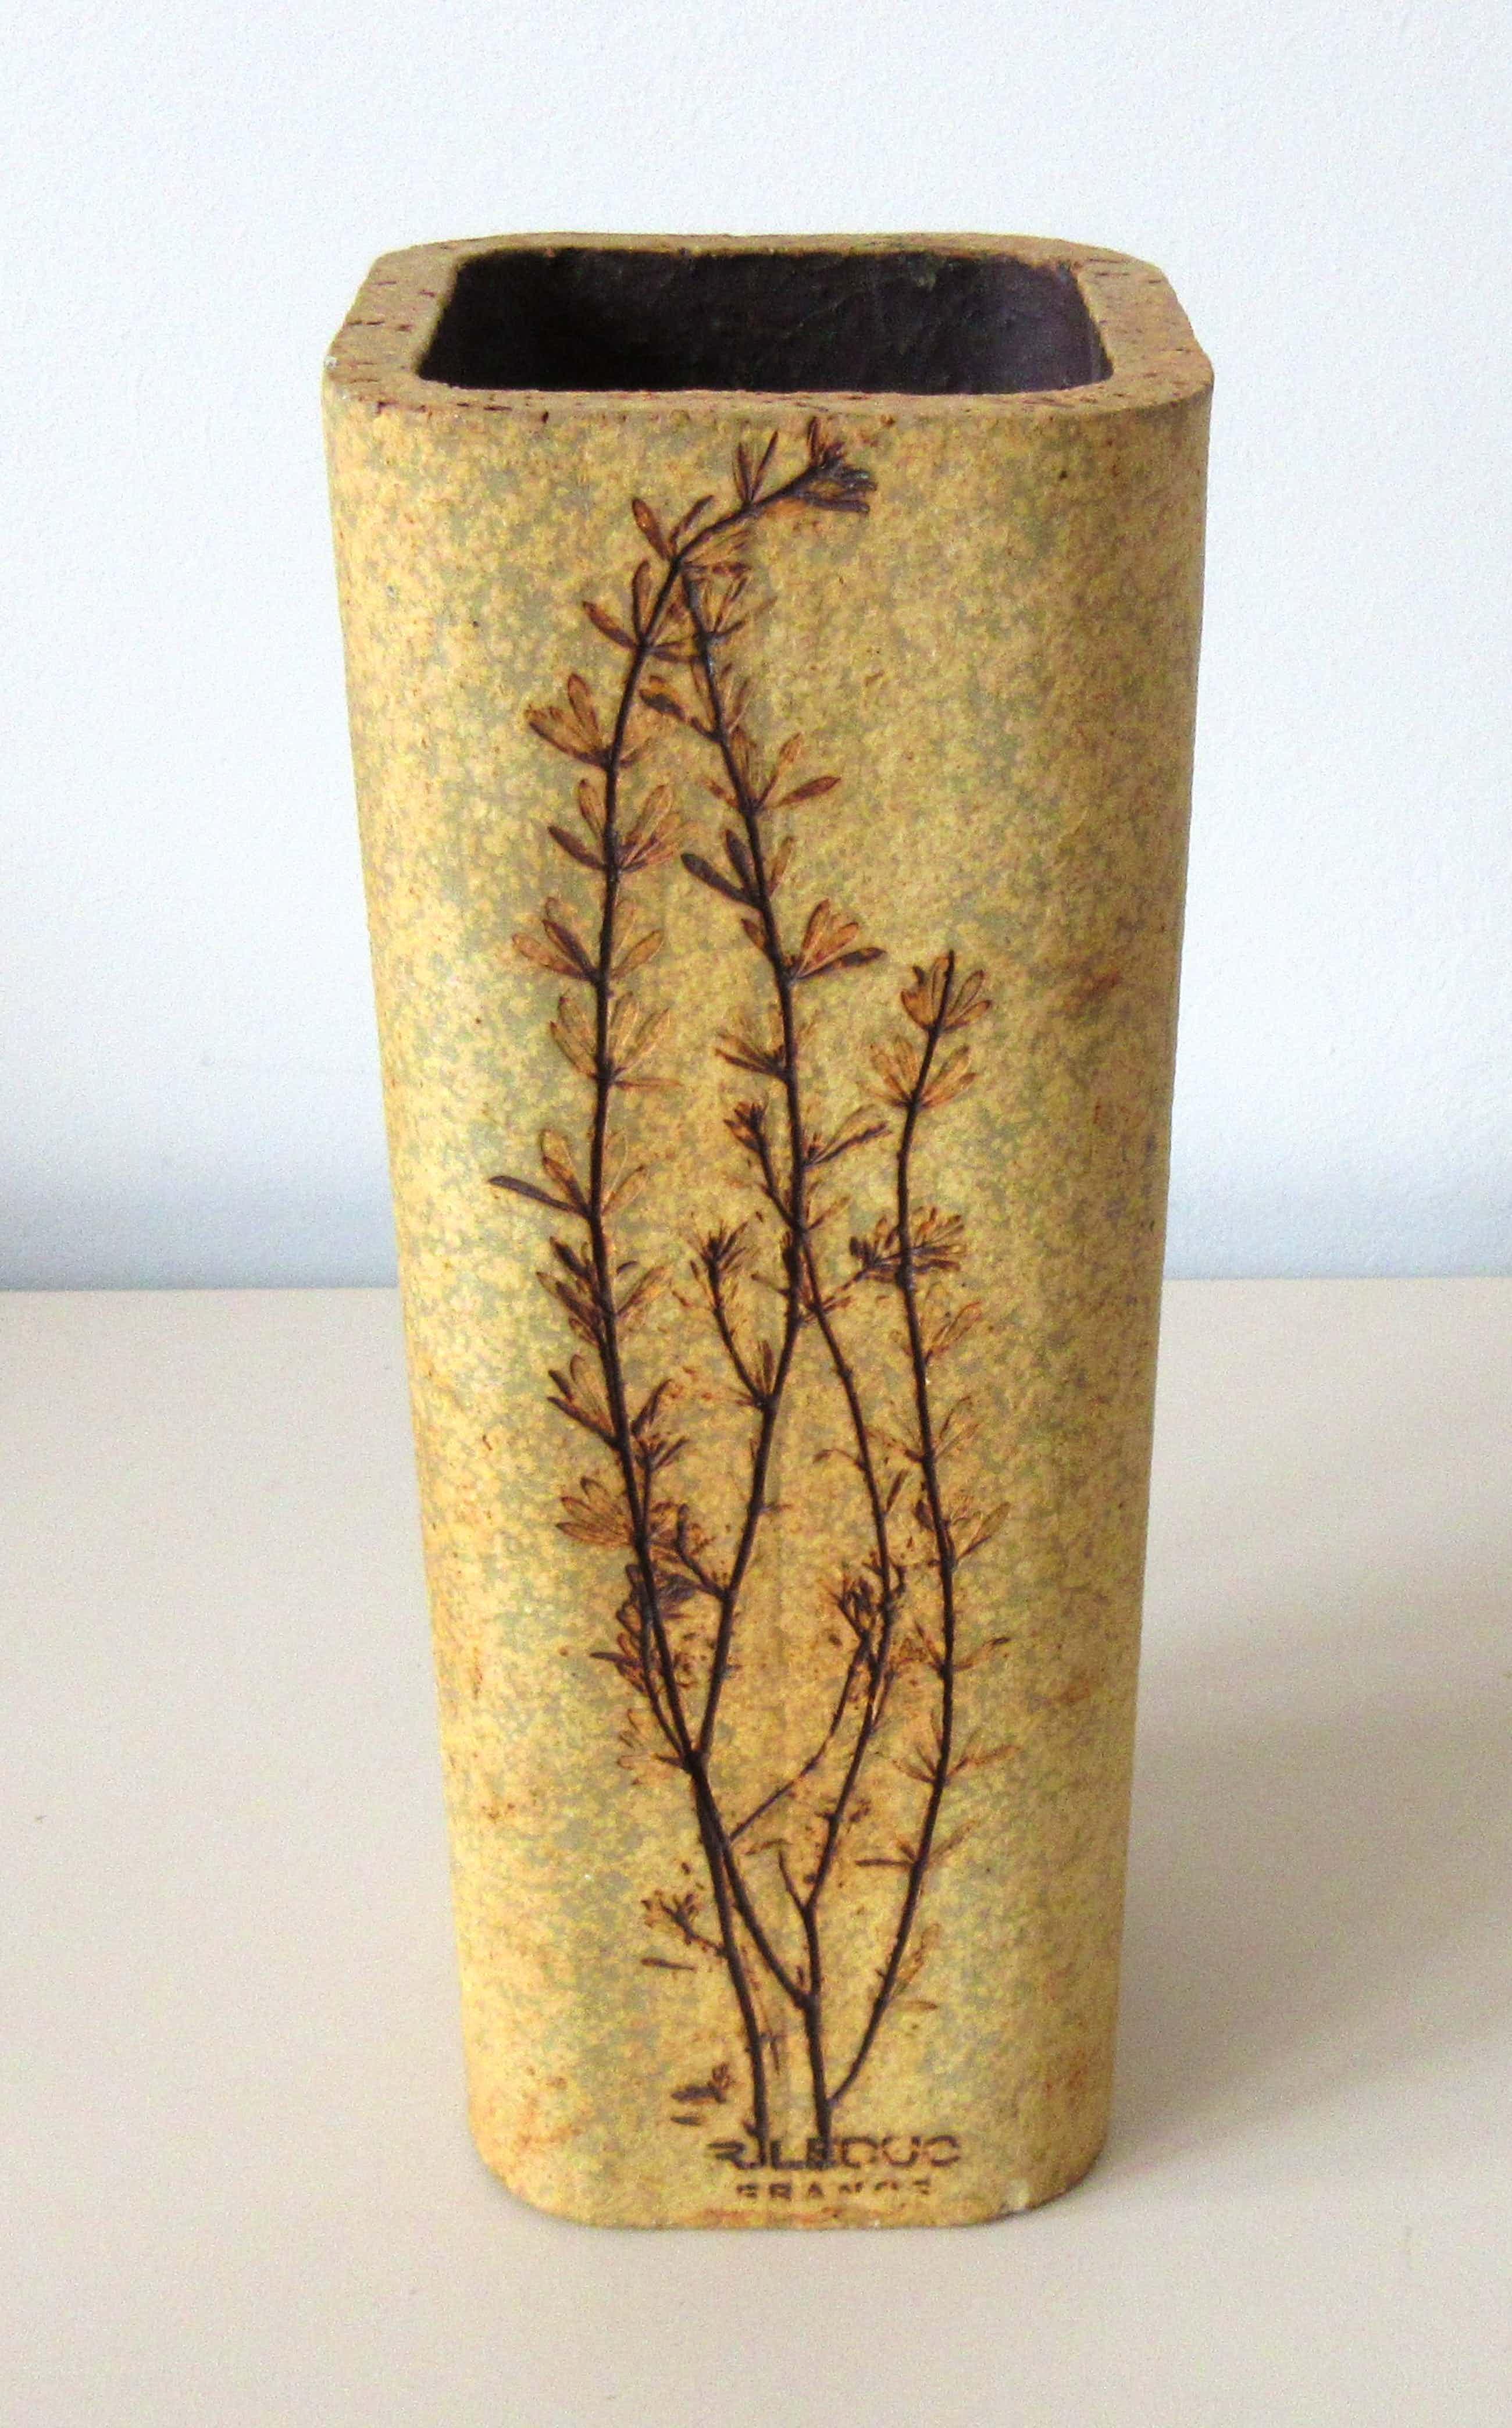 Vallauris Keramiek - Vierkante gres aardewerken Herbier vaas - Raymonde Leduc kopen? Bied vanaf 10!